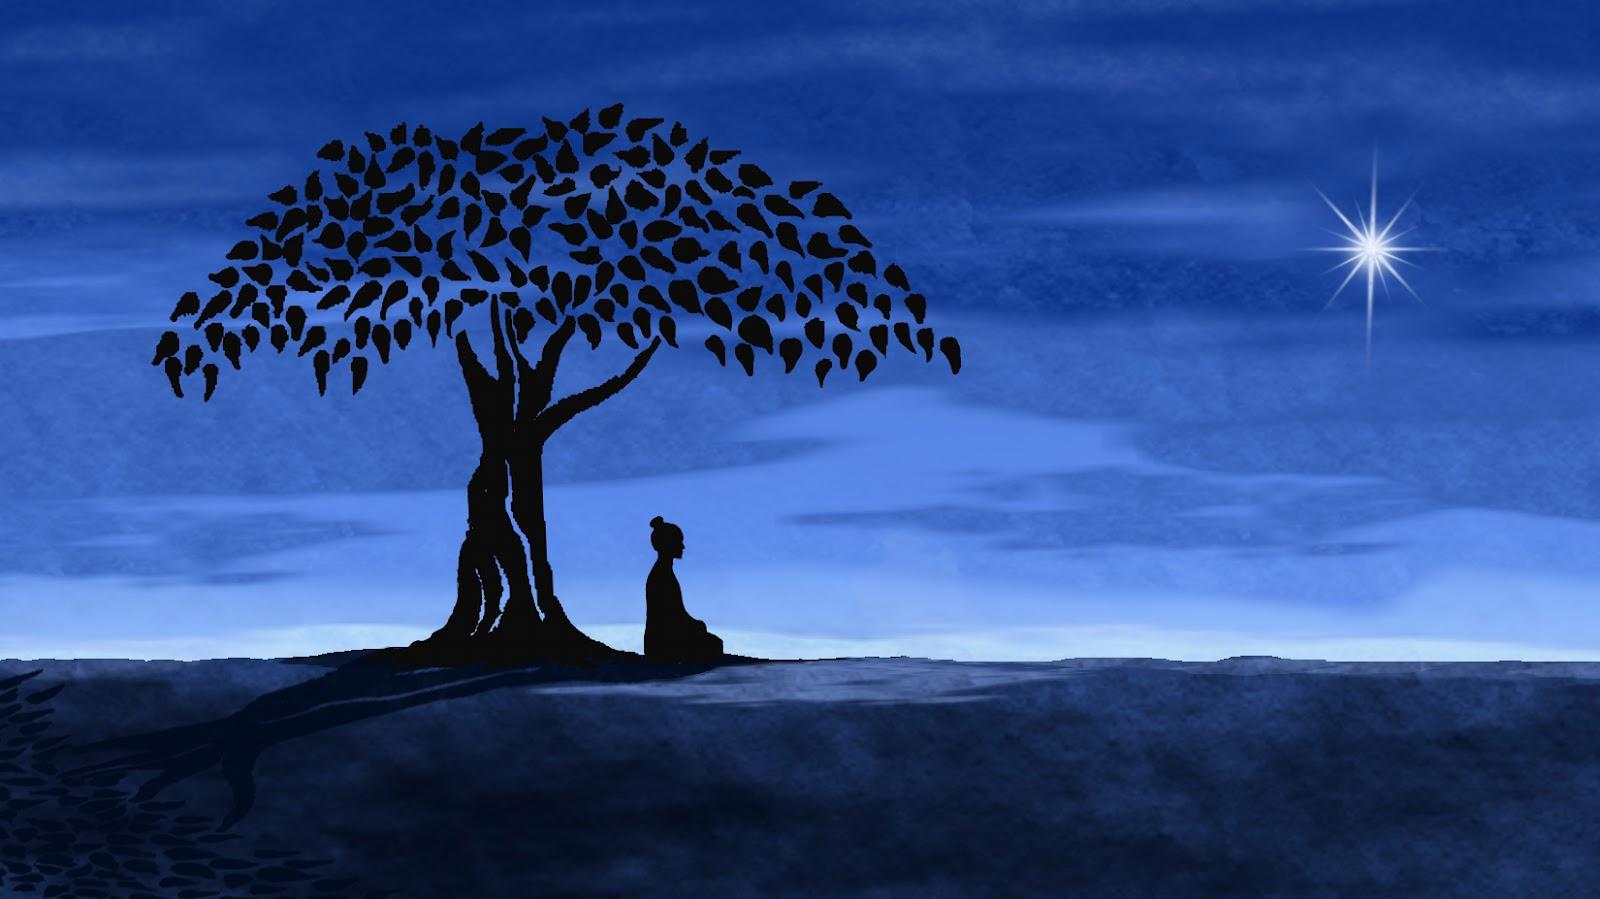 Управляй своей жизнь осознанно: что такое и какое значение осознанности для людей